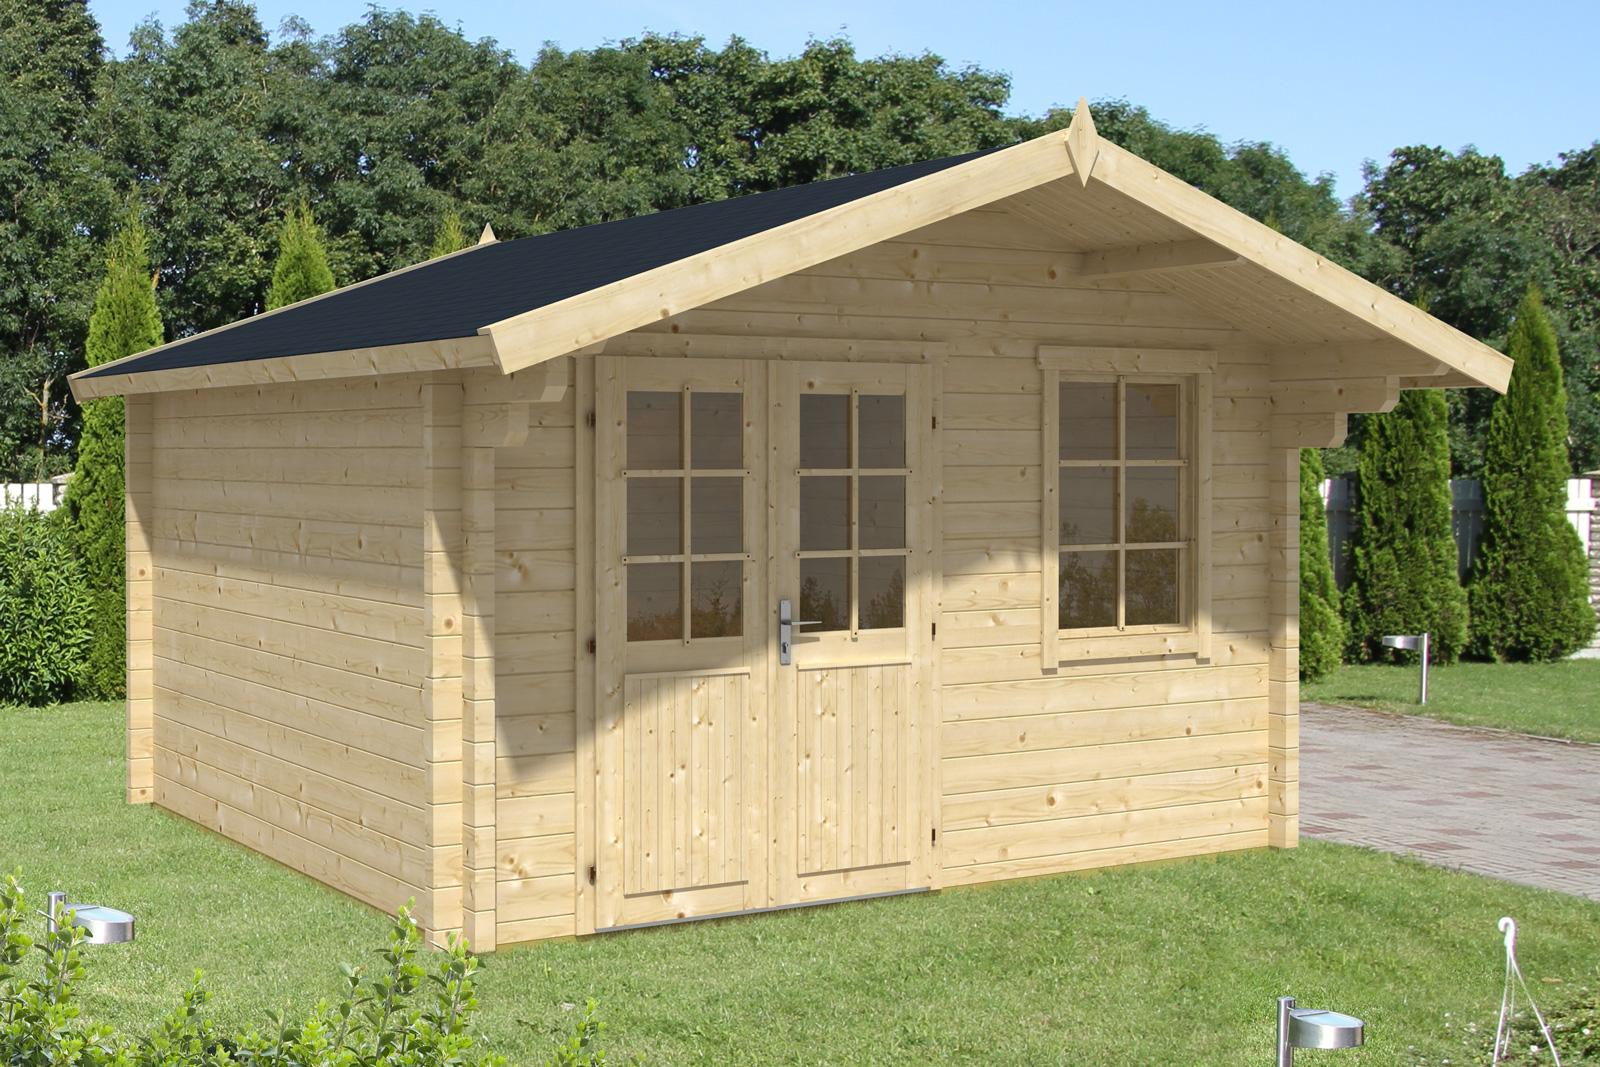 gartenhaus modell mona 70 gartenhaus modell mona 70. Black Bedroom Furniture Sets. Home Design Ideas